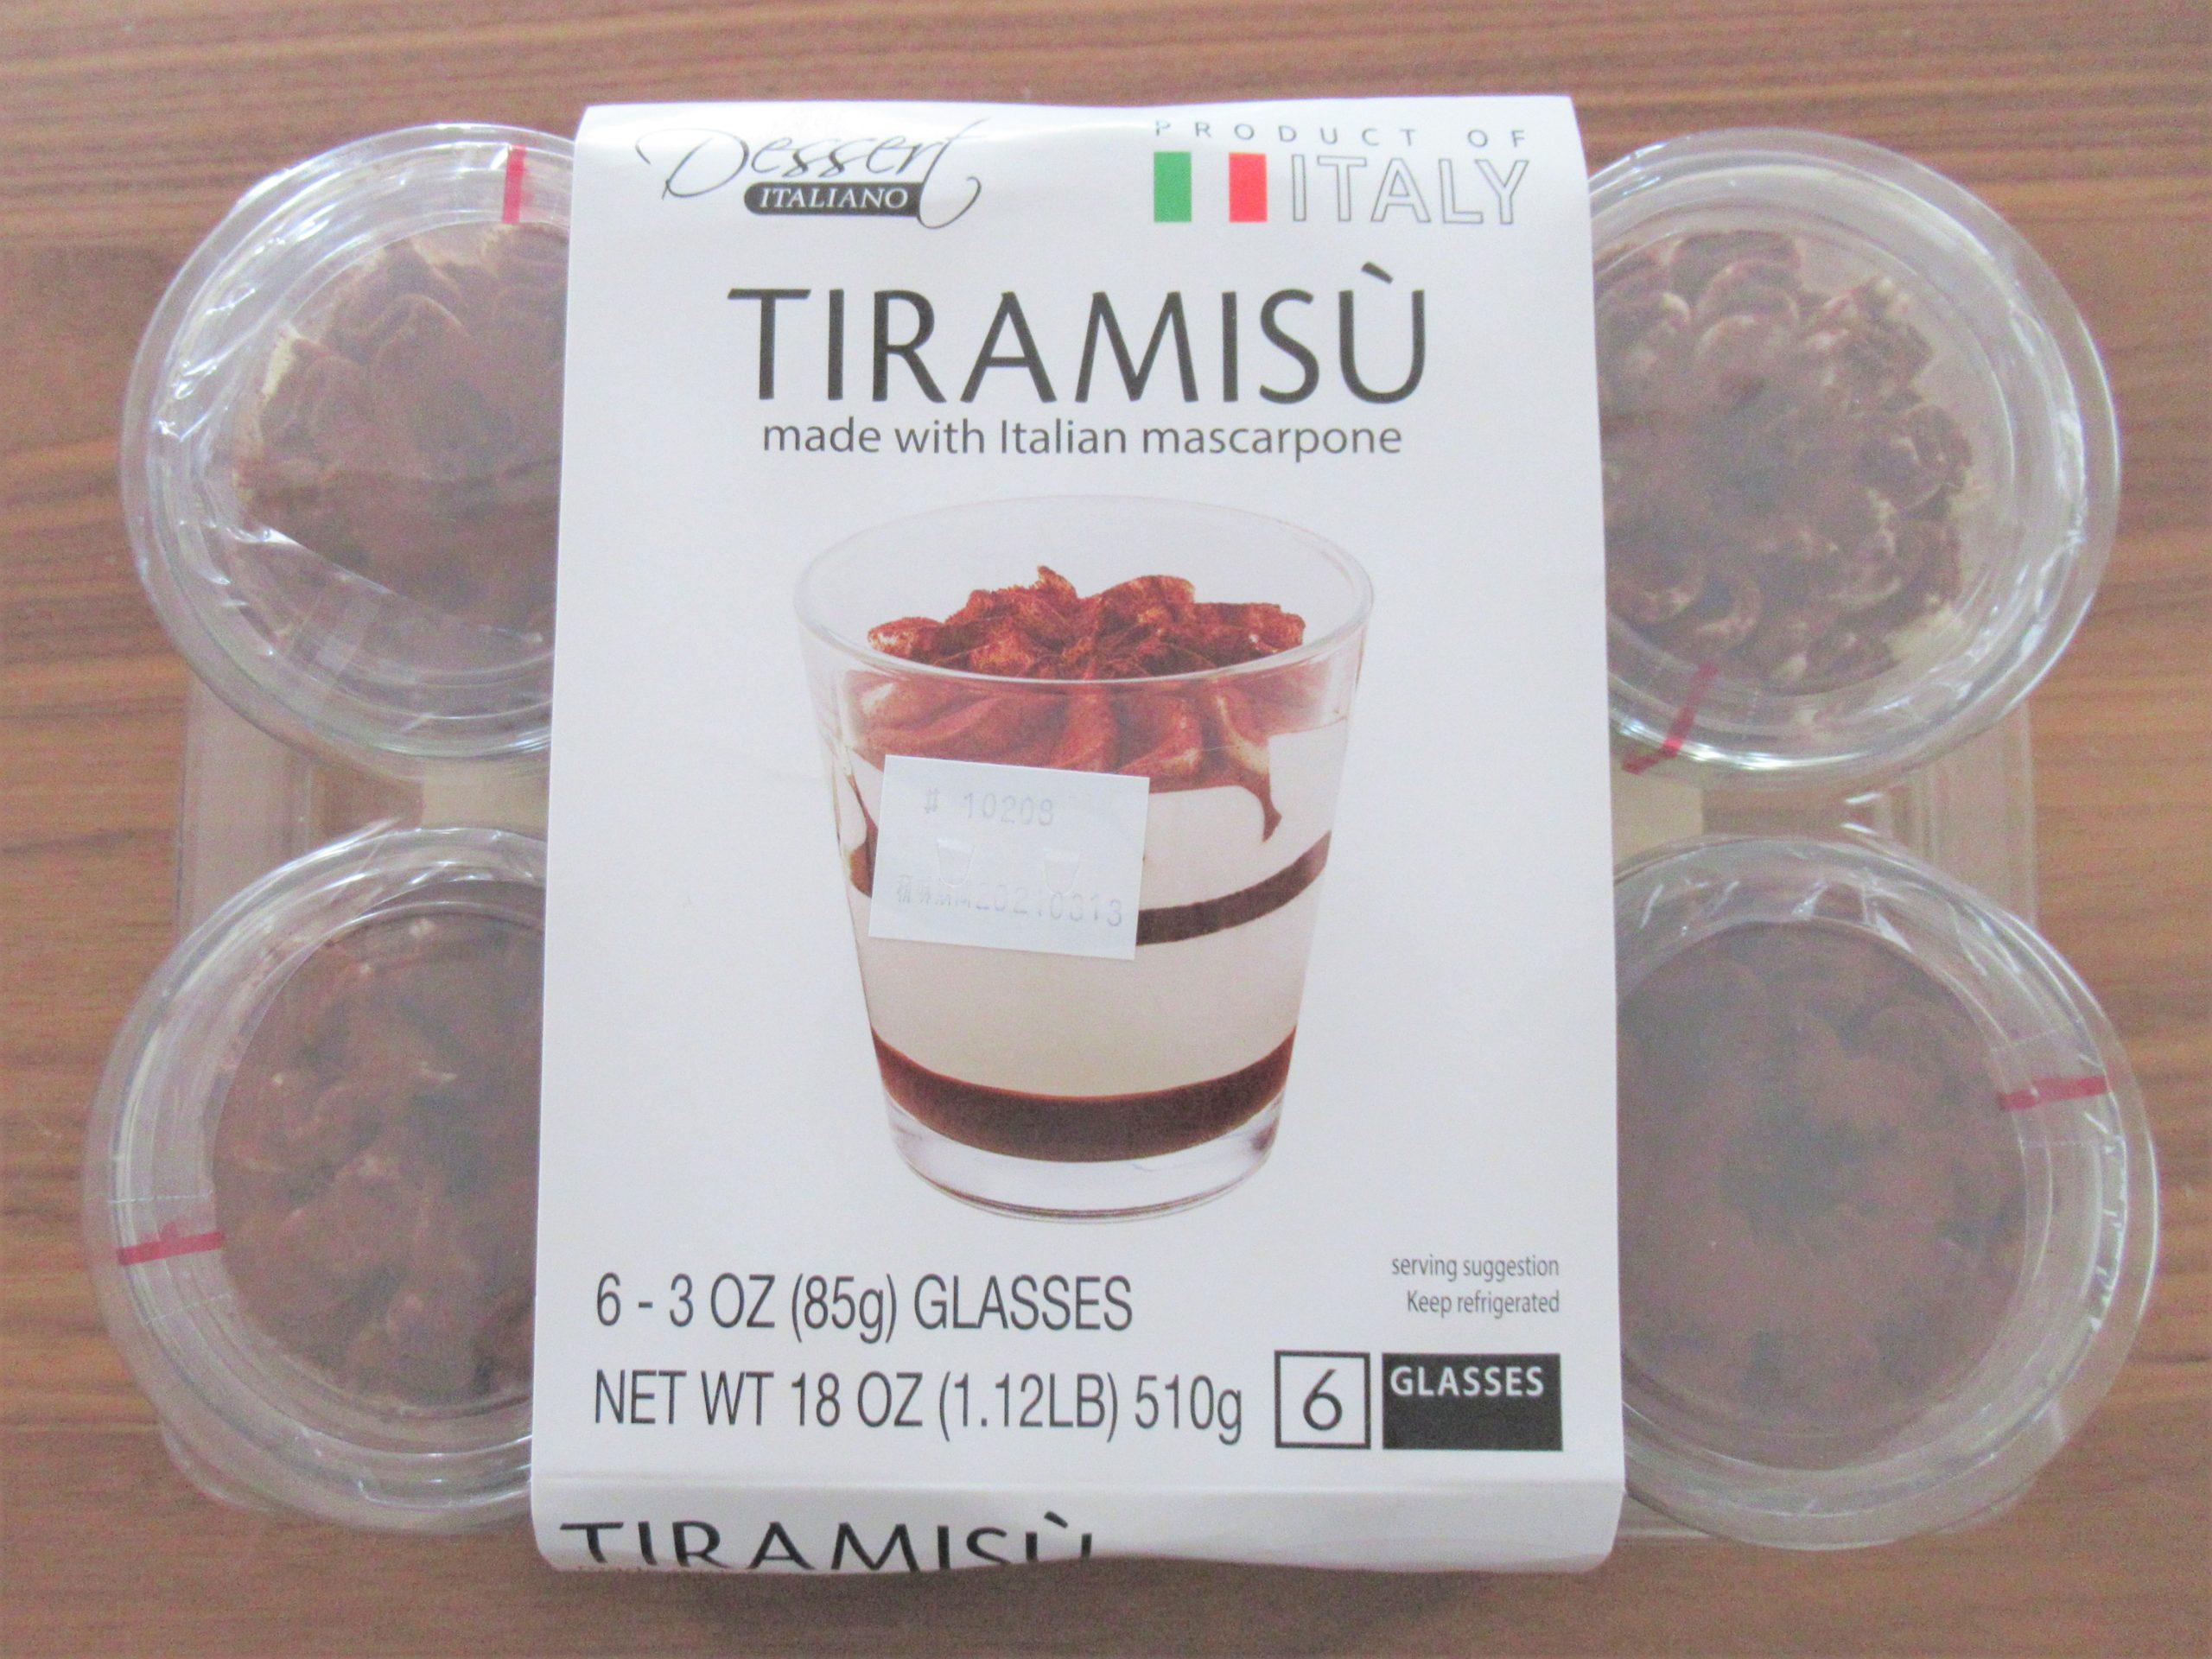 イタリアンティラミスが思った以上に美味しかった!お得感満載のオススメスイーツ|ラク家事ブログ